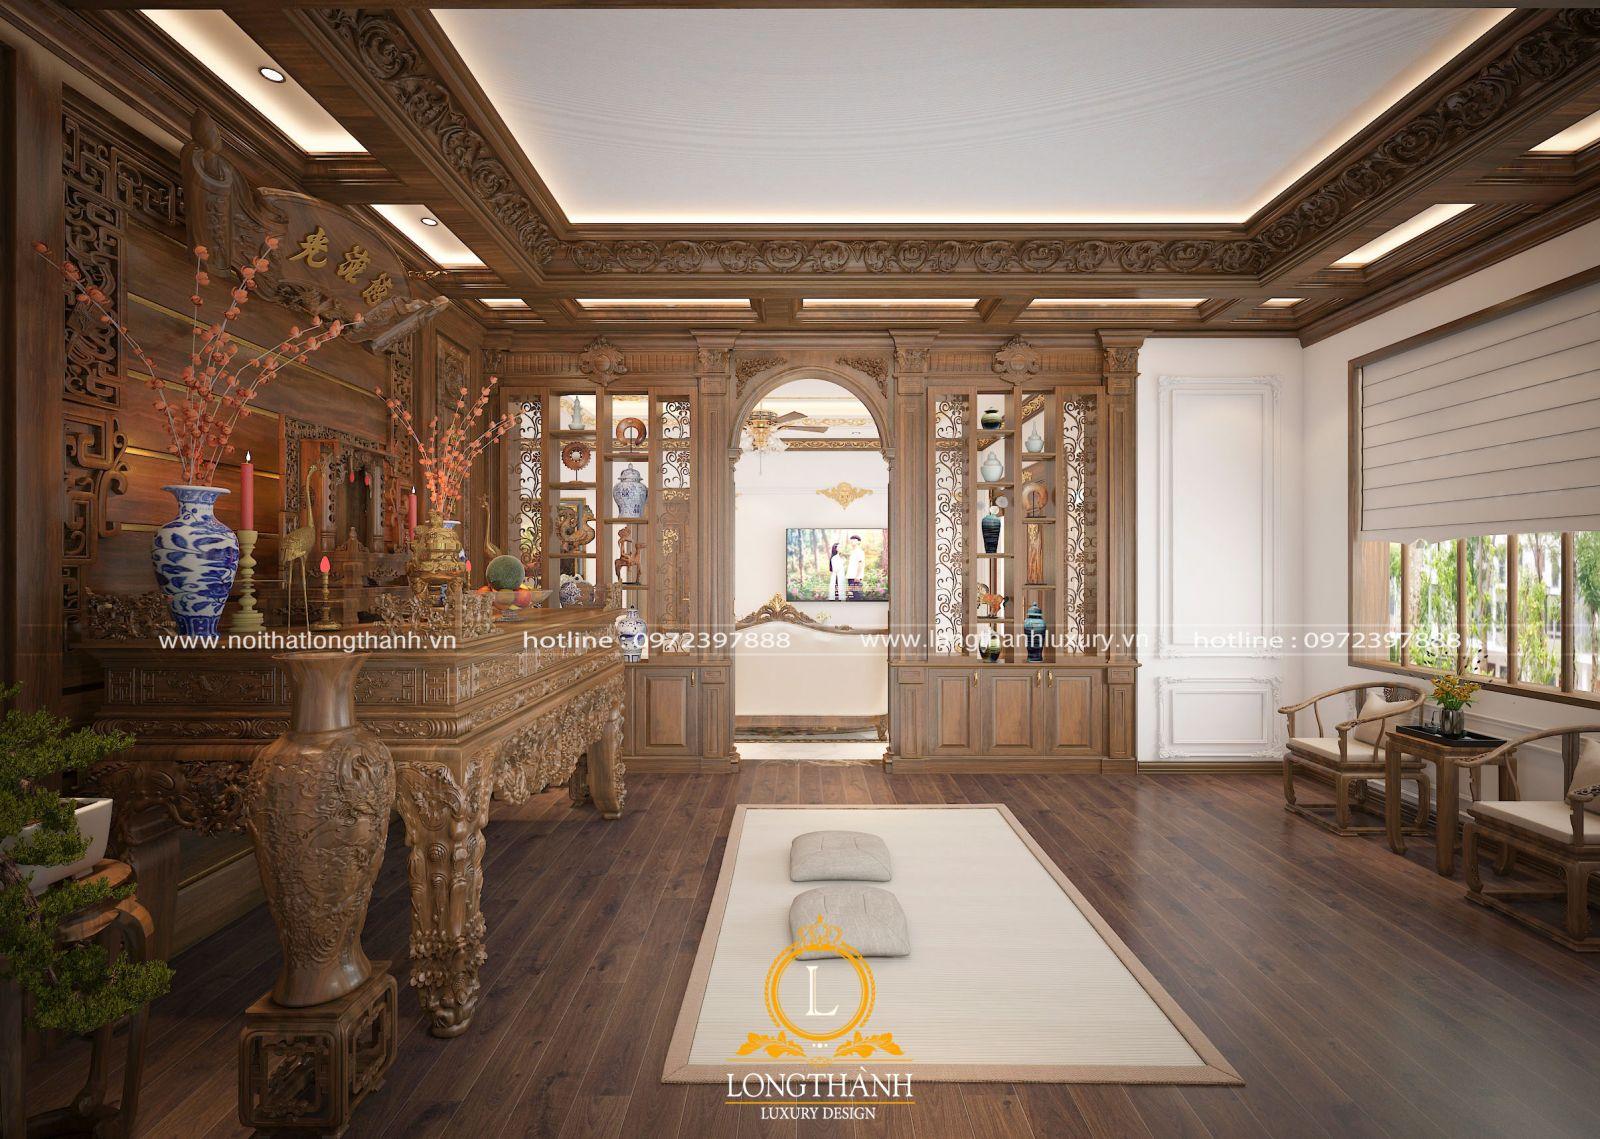 Mẫu thiết kế phòng thờ gỗ Sồi cho cho biệt thự ở không gian tầng 1